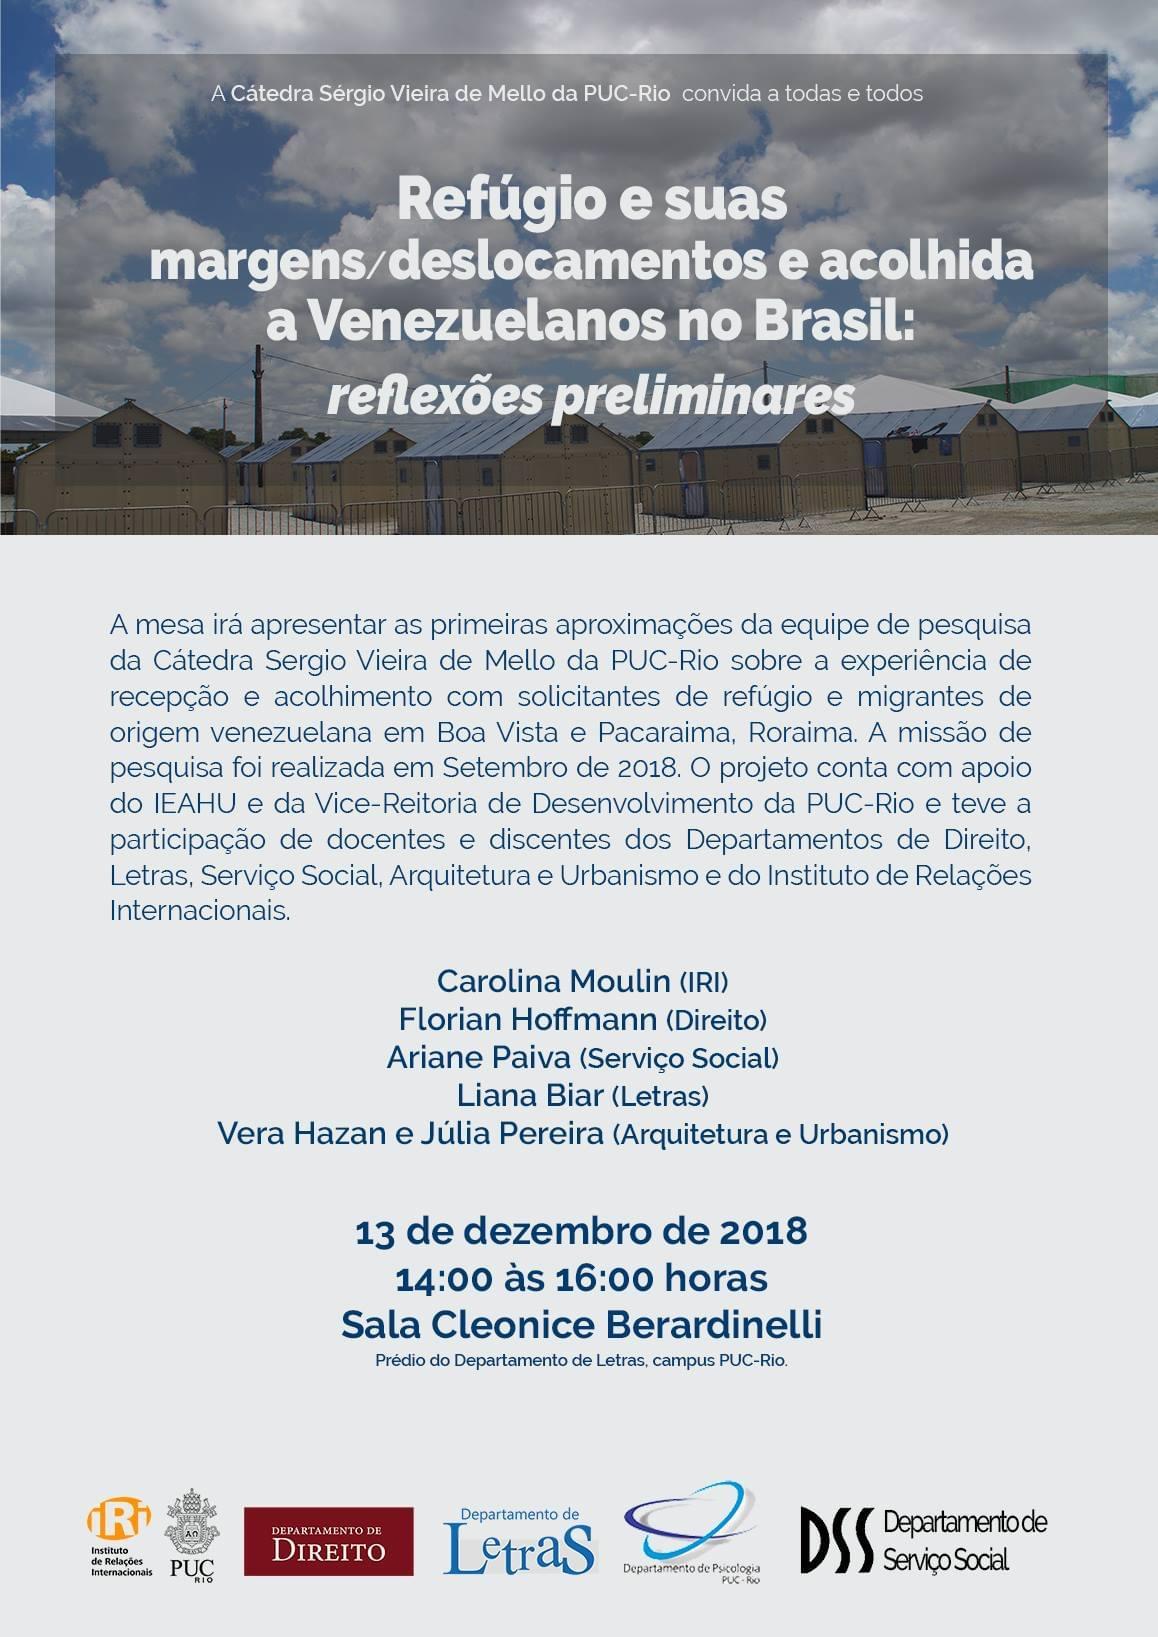 Refúgio e suas margens/deslocamentos e acolhida a Venezuelanos no Brasil: reflexões preliminares